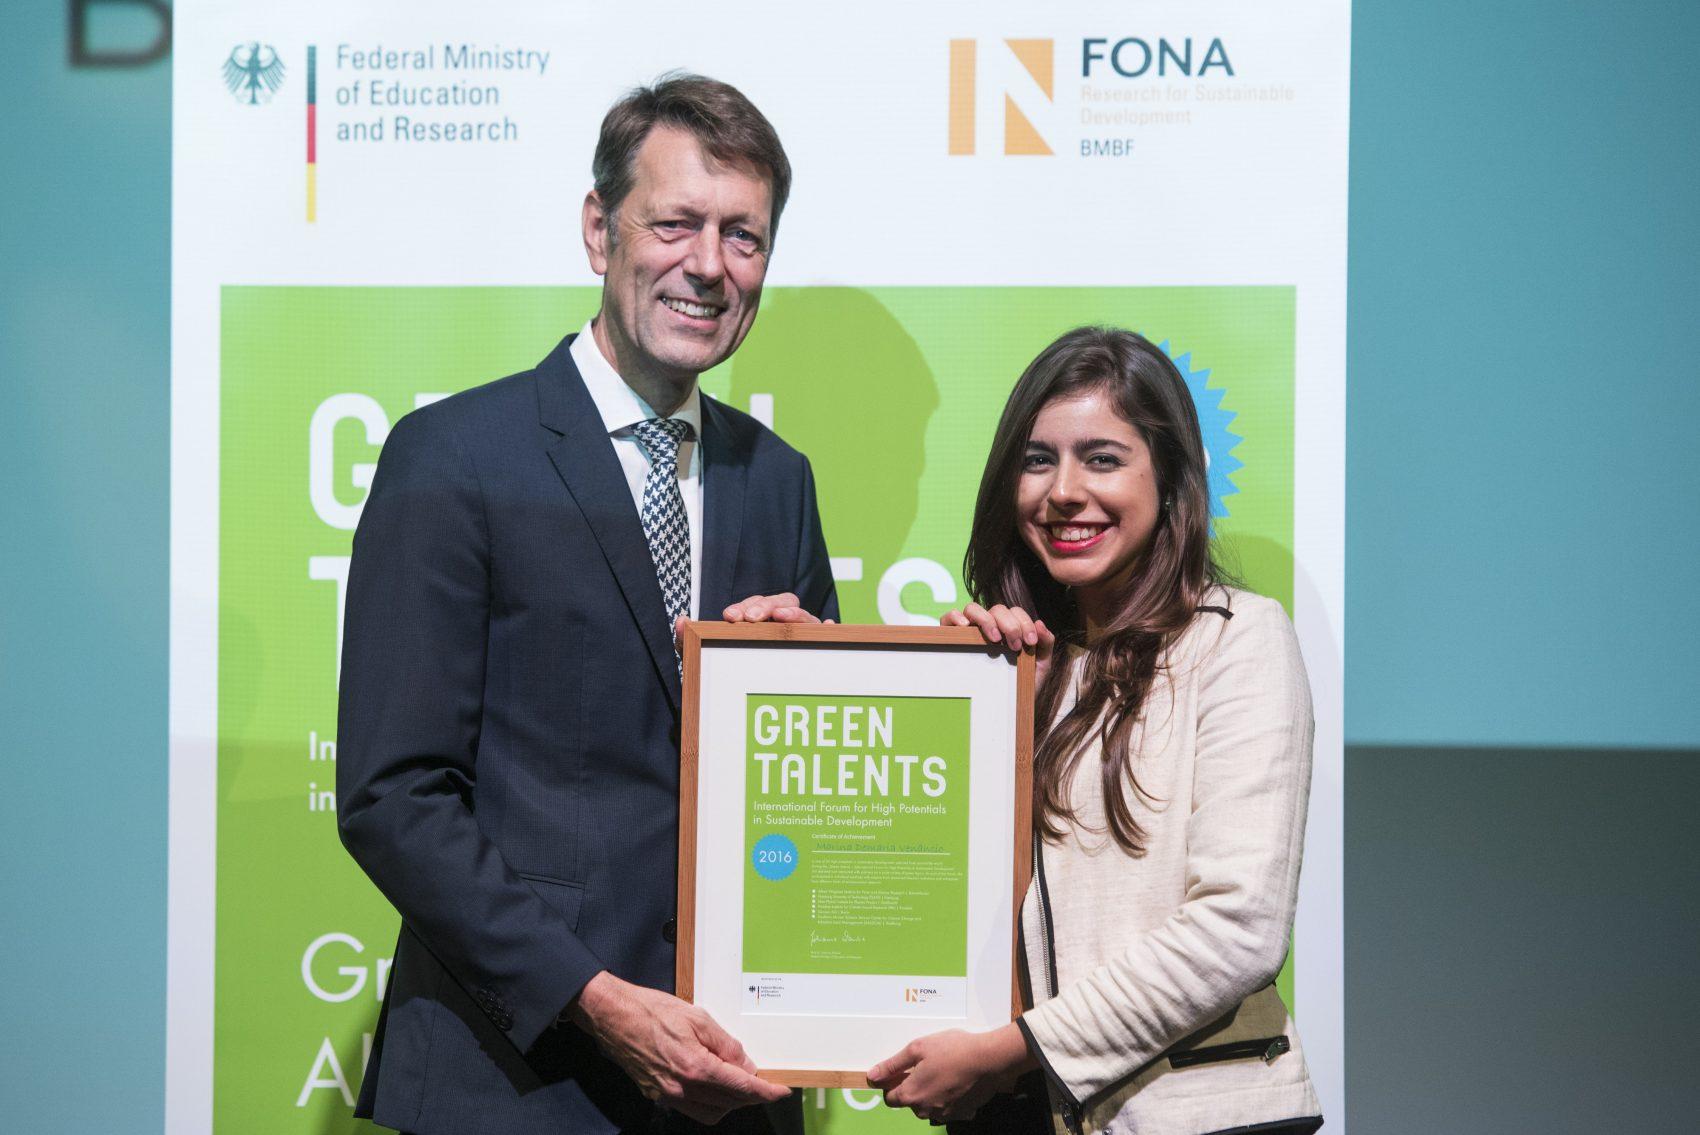 Marina Venâncio recebendo o prêmio das mãos do secretário de Estado do Ministério da Educação e da Ciência da Alemanha, George Schutte: talento verde (Foto: Hans-Christian Plambeck)